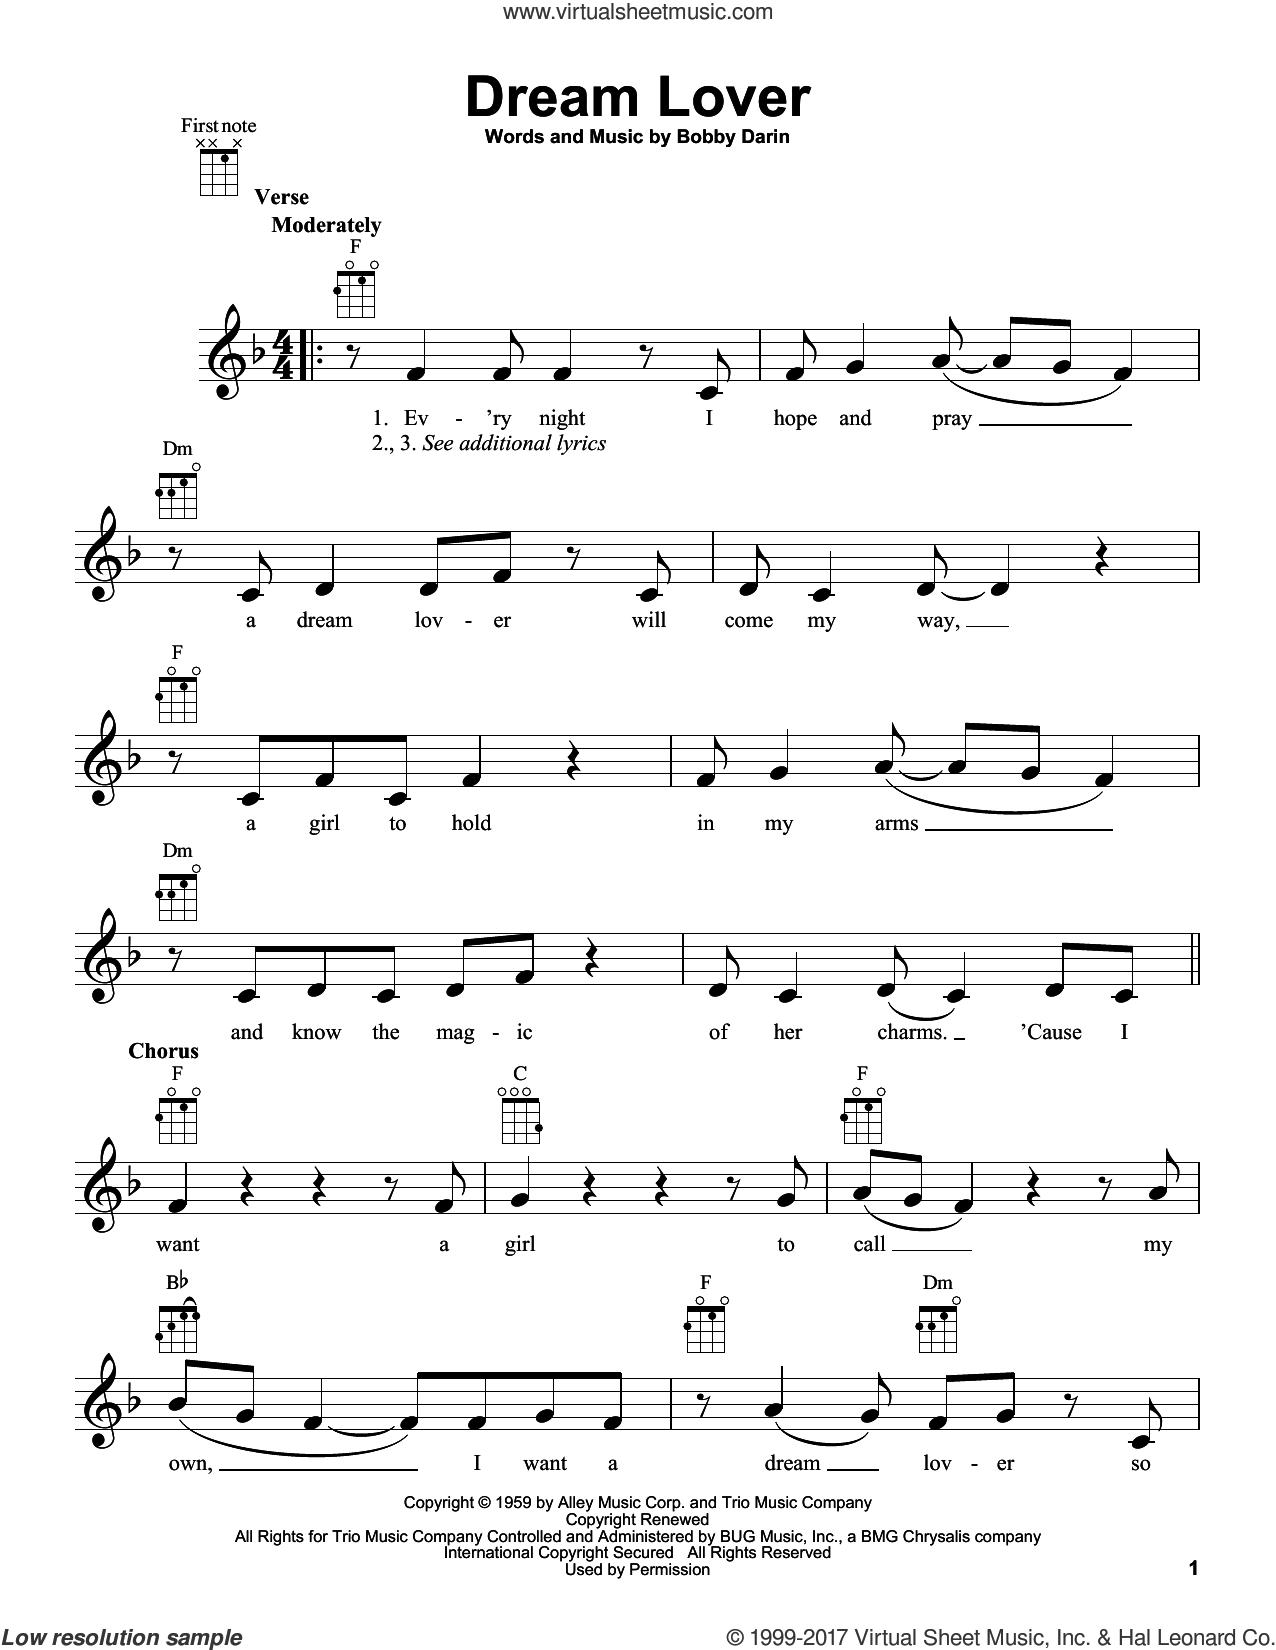 Dream Lover sheet music for ukulele by Bobby Darin and Manhattan Transfer, intermediate skill level